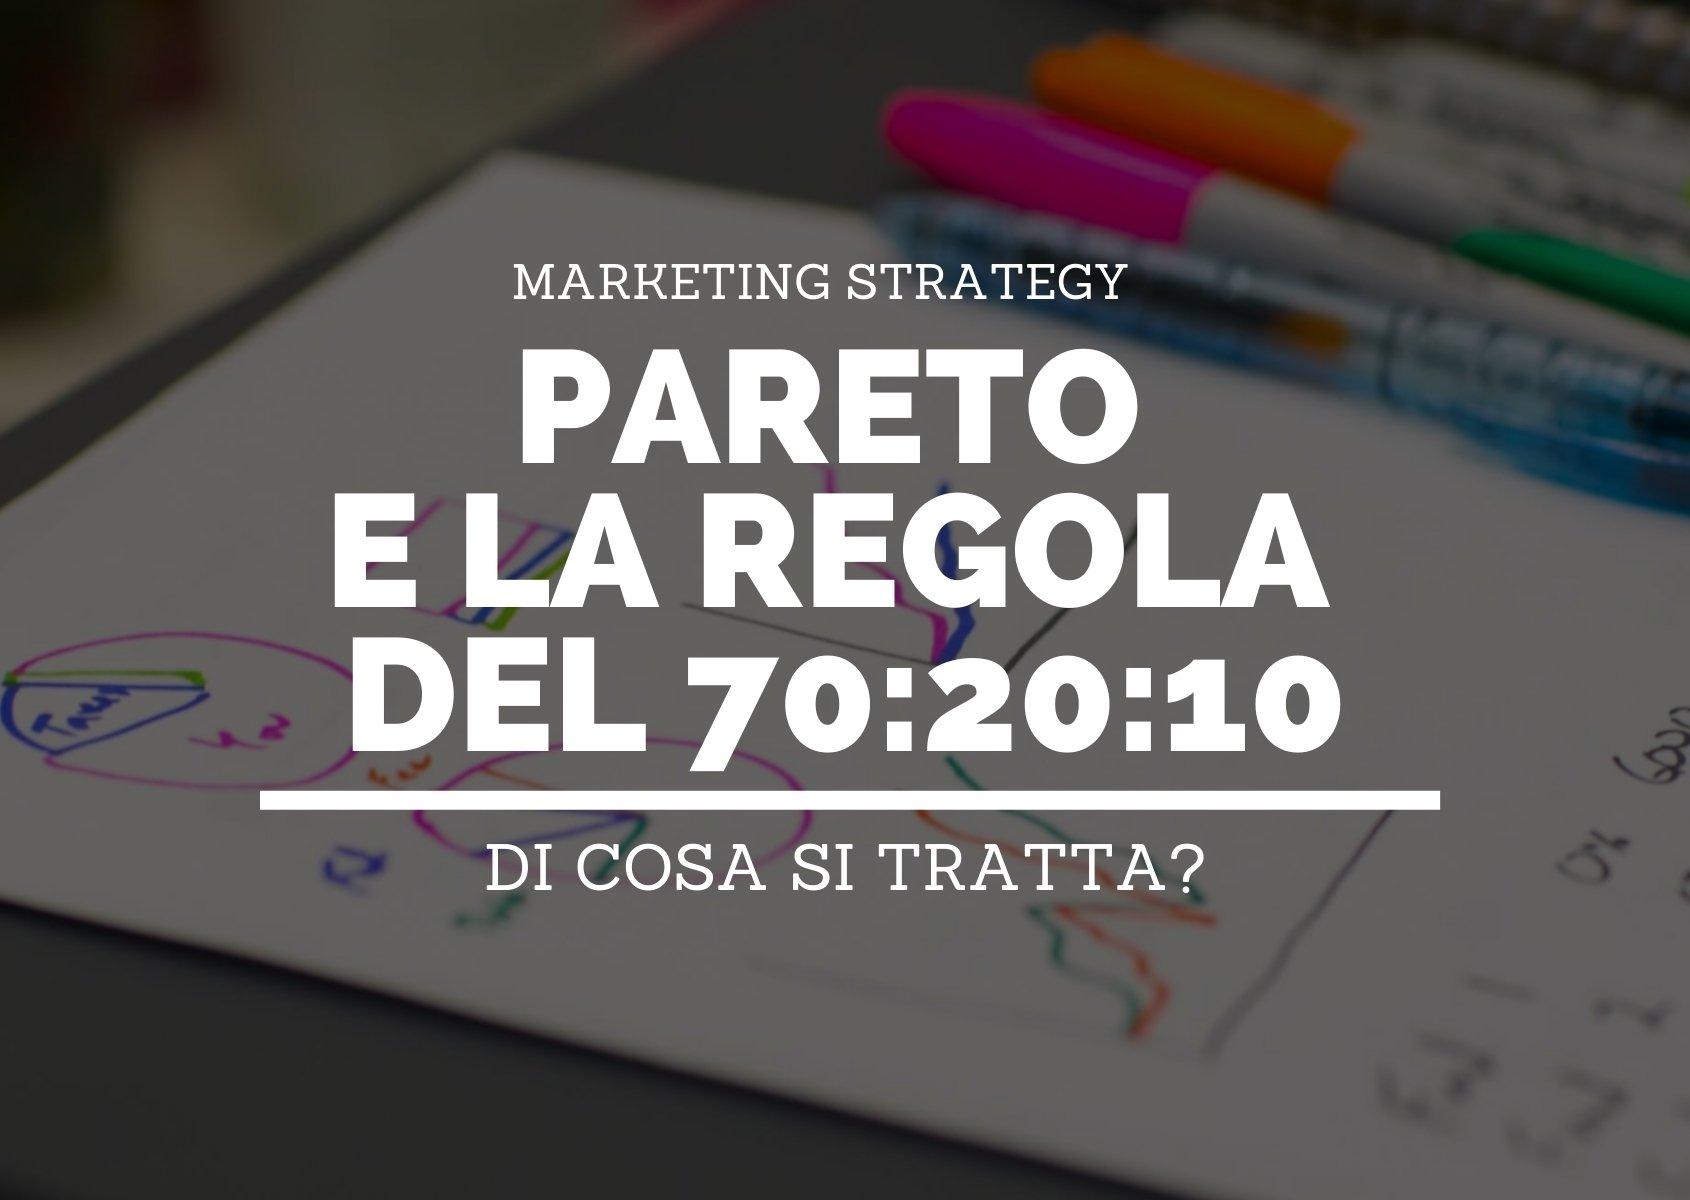 Cover: Digital marketing, Pareto e la Regola del 70:20:10. Di cosa si tratta?